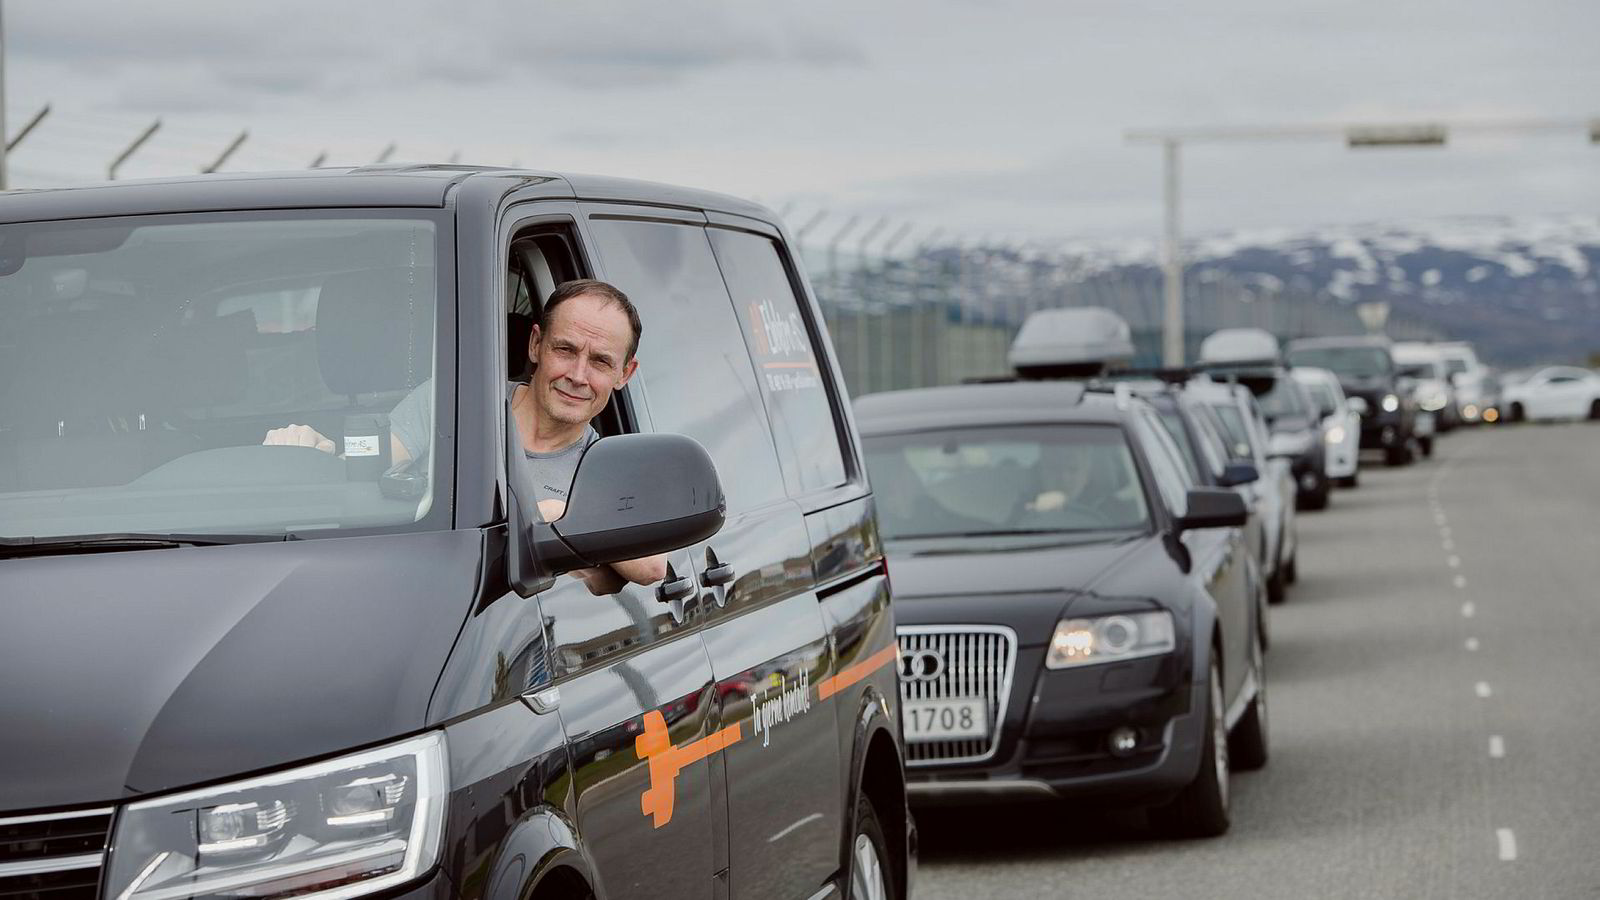 Elektriker Jon-Geir Iversen sier hans montører taper 100.000 kroner per år på å stå i bilkø, og ber om bompenger for å bygge bedre veinett i Tromsø.